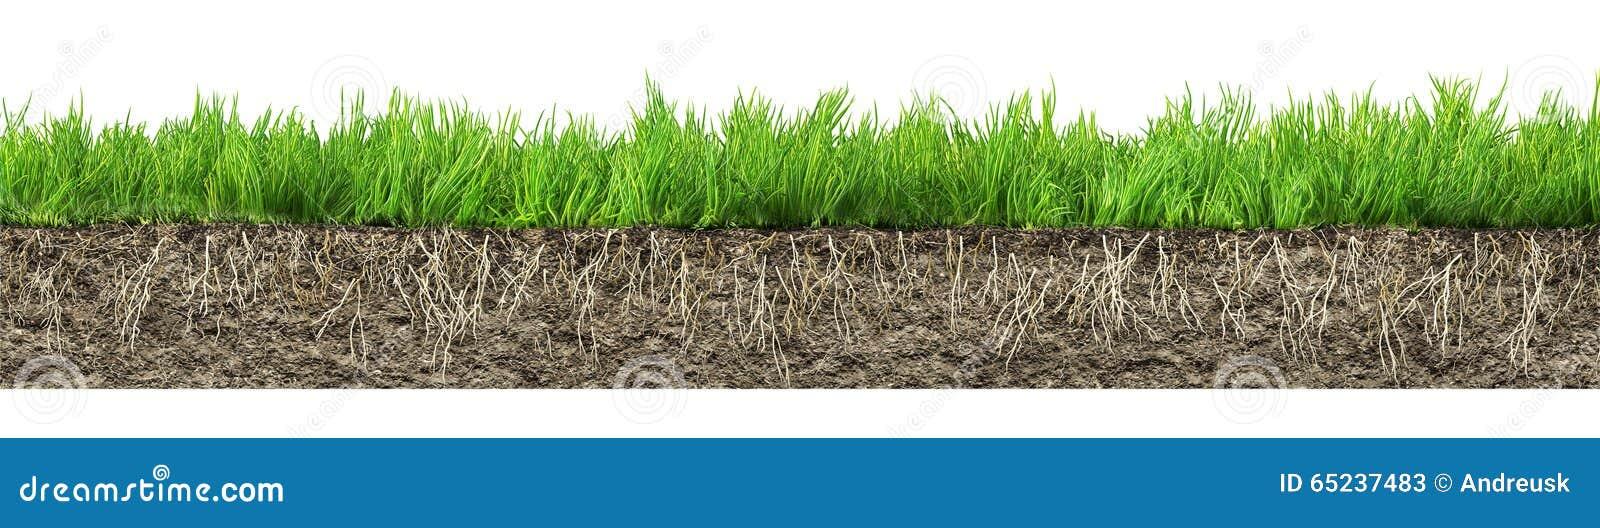 Trawa z korzeniami i ziemią